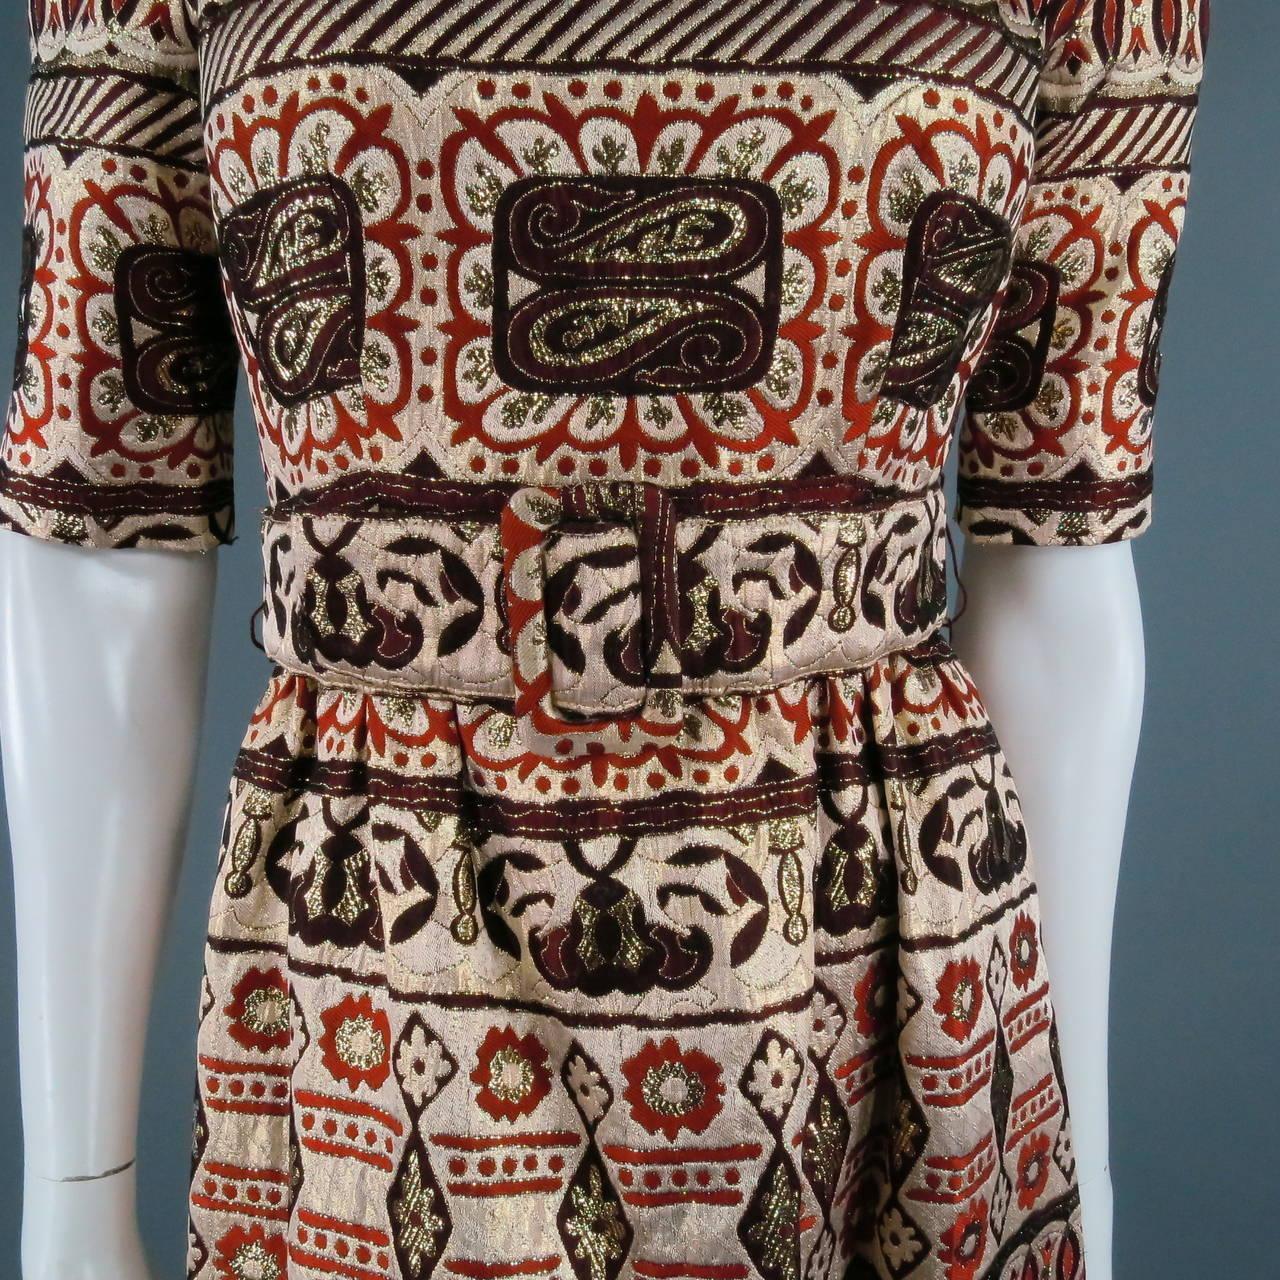 Vintage OSCAR DE LA RENTA Size 2 Gold Brocade Evening Gown 6